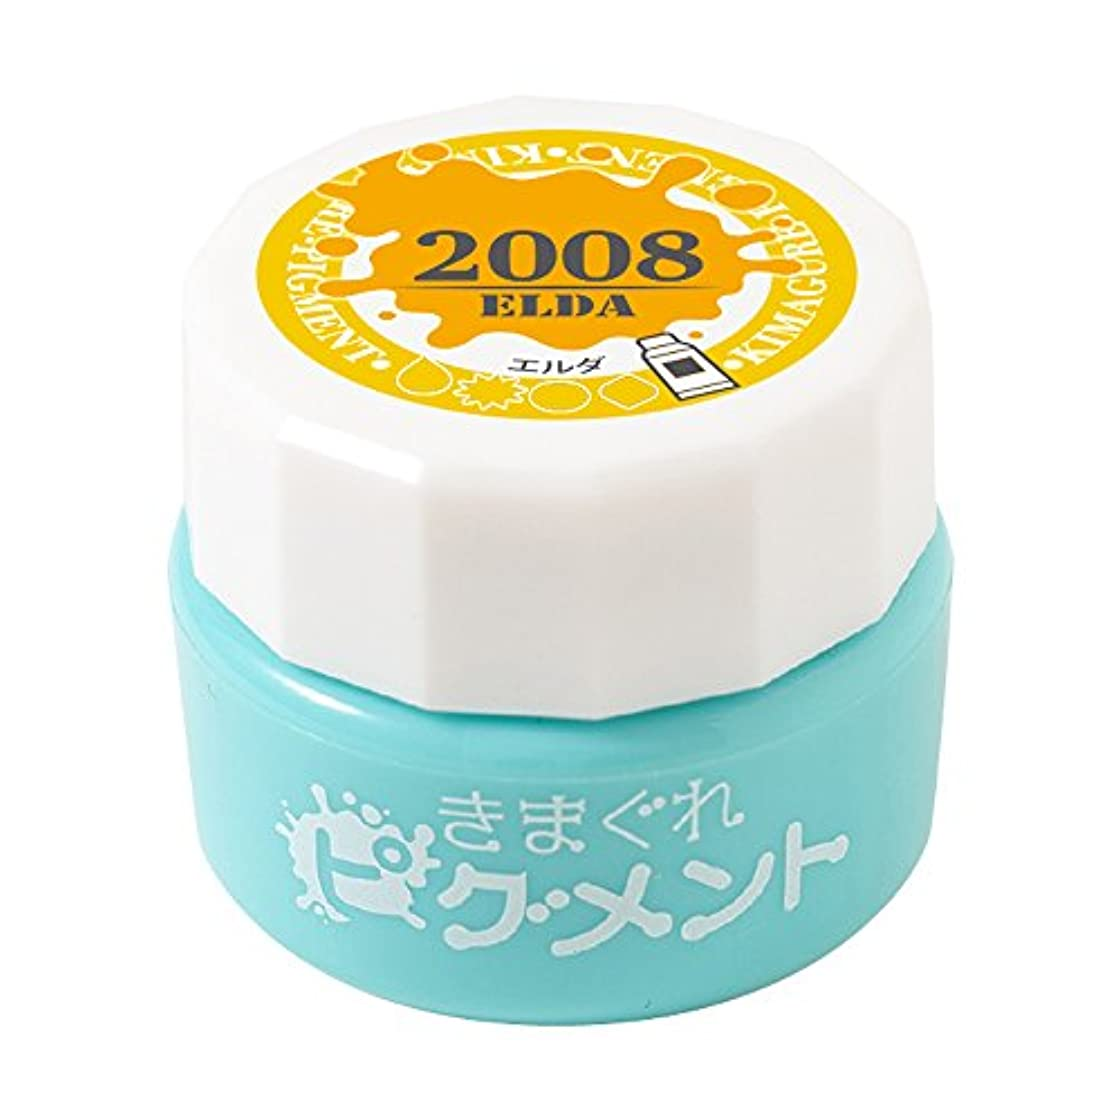 コントロールぼろ抗生物質Bettygel きまぐれピグメント エルダ QYJ-2008 4g UV/LED対応